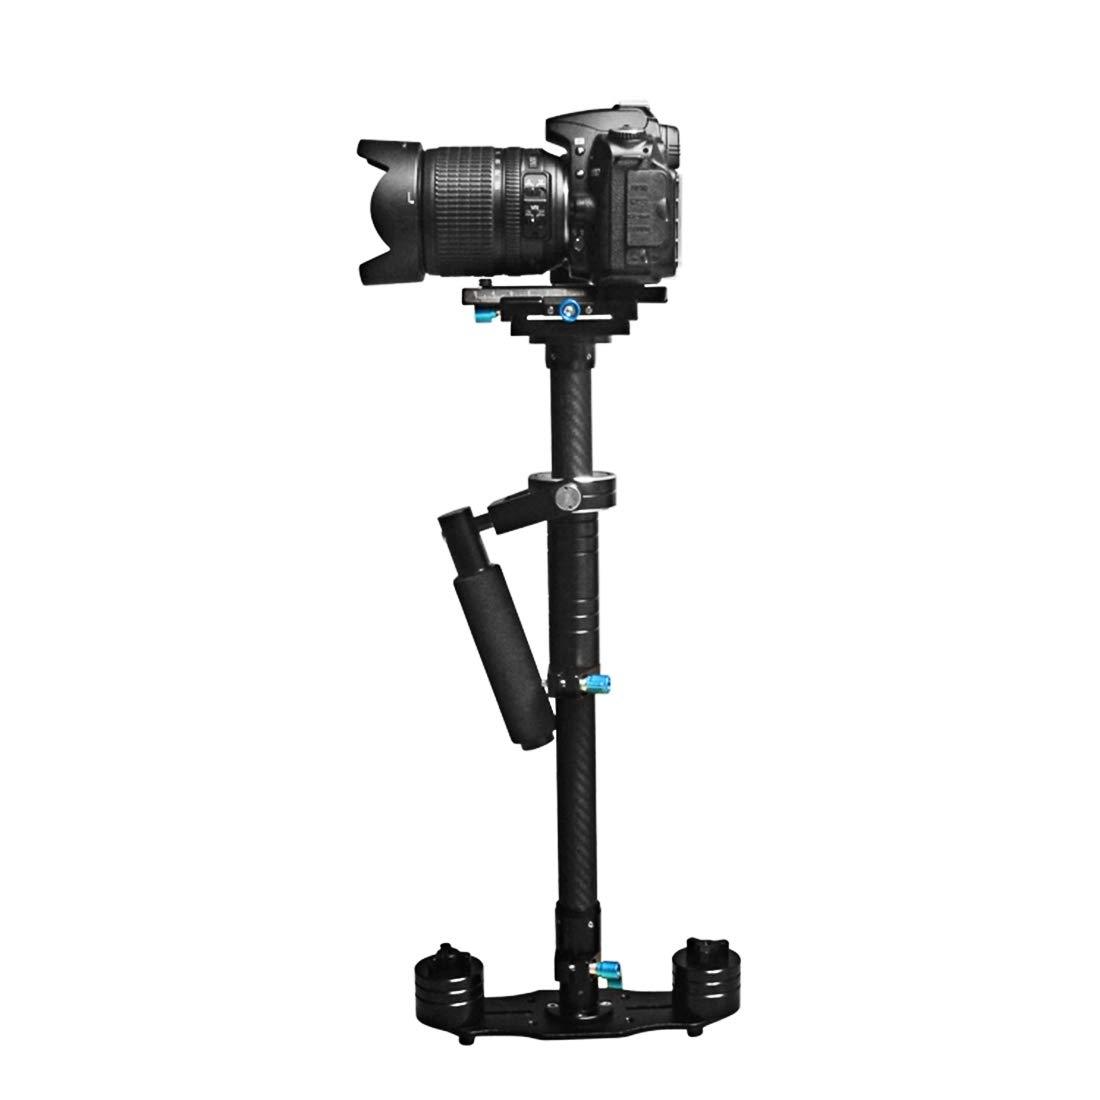 S80Tプロフェッショナルアルミニウム合金手持ちスタビライザー互換DSLR / DVデジタルビデオ他のカメラ   B07PKPZBRC